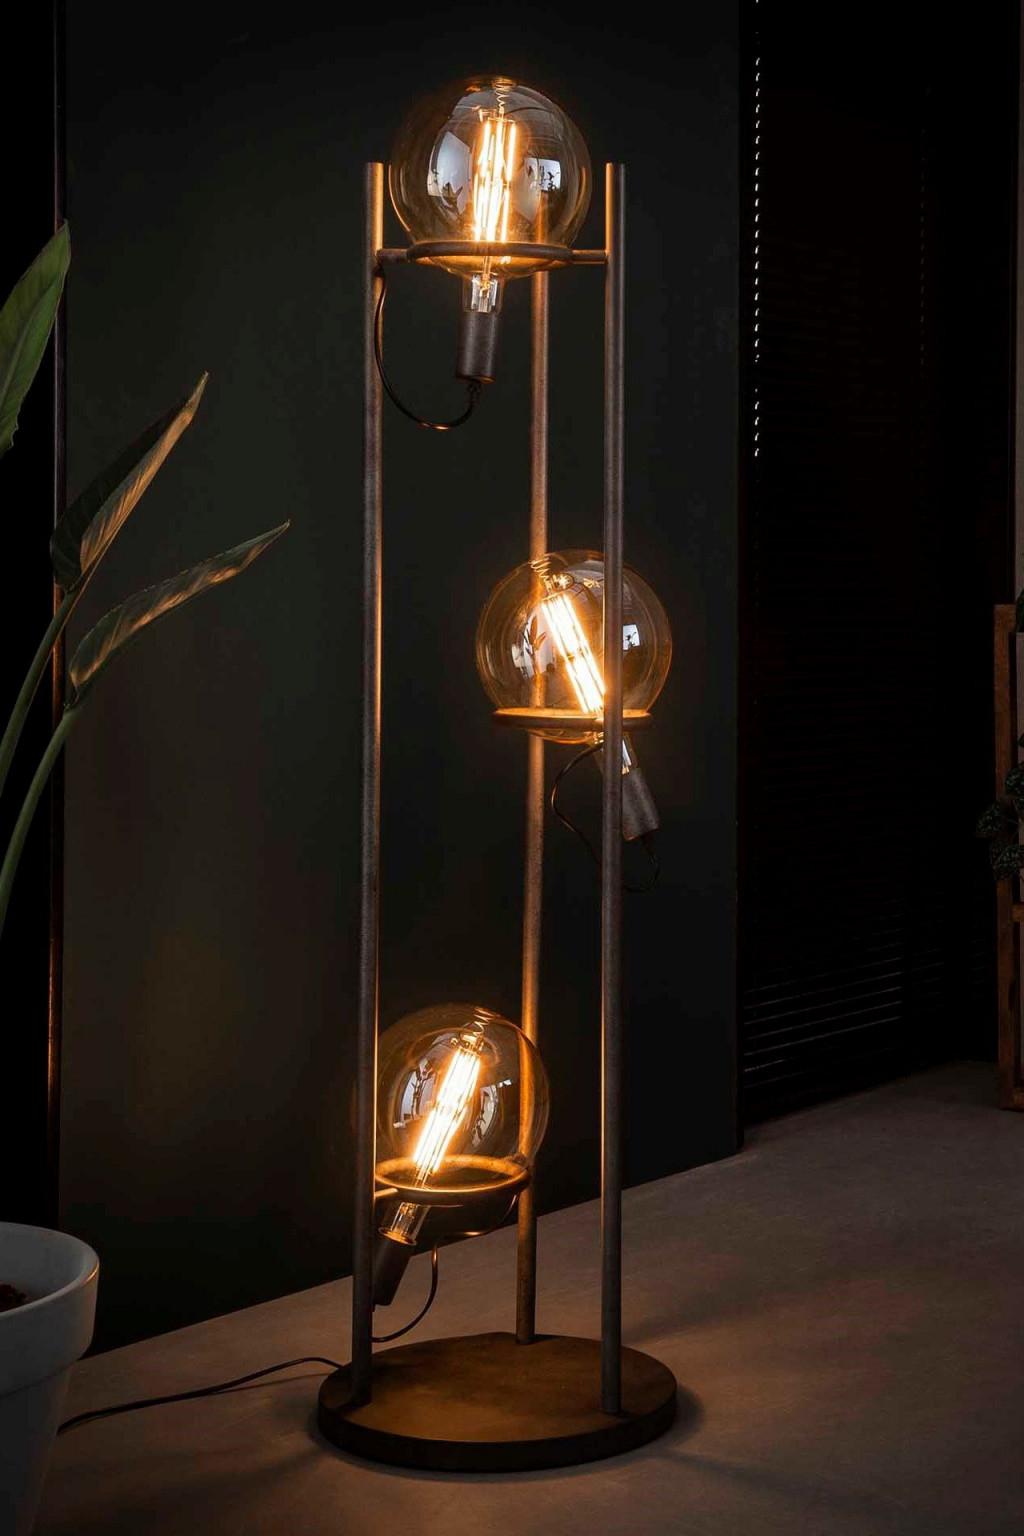 Stehlampe Saturn Xl  Stehlampe Wohnzimmer Stehlampe Coole von Wohnzimmer Lampe Industriedesign Photo